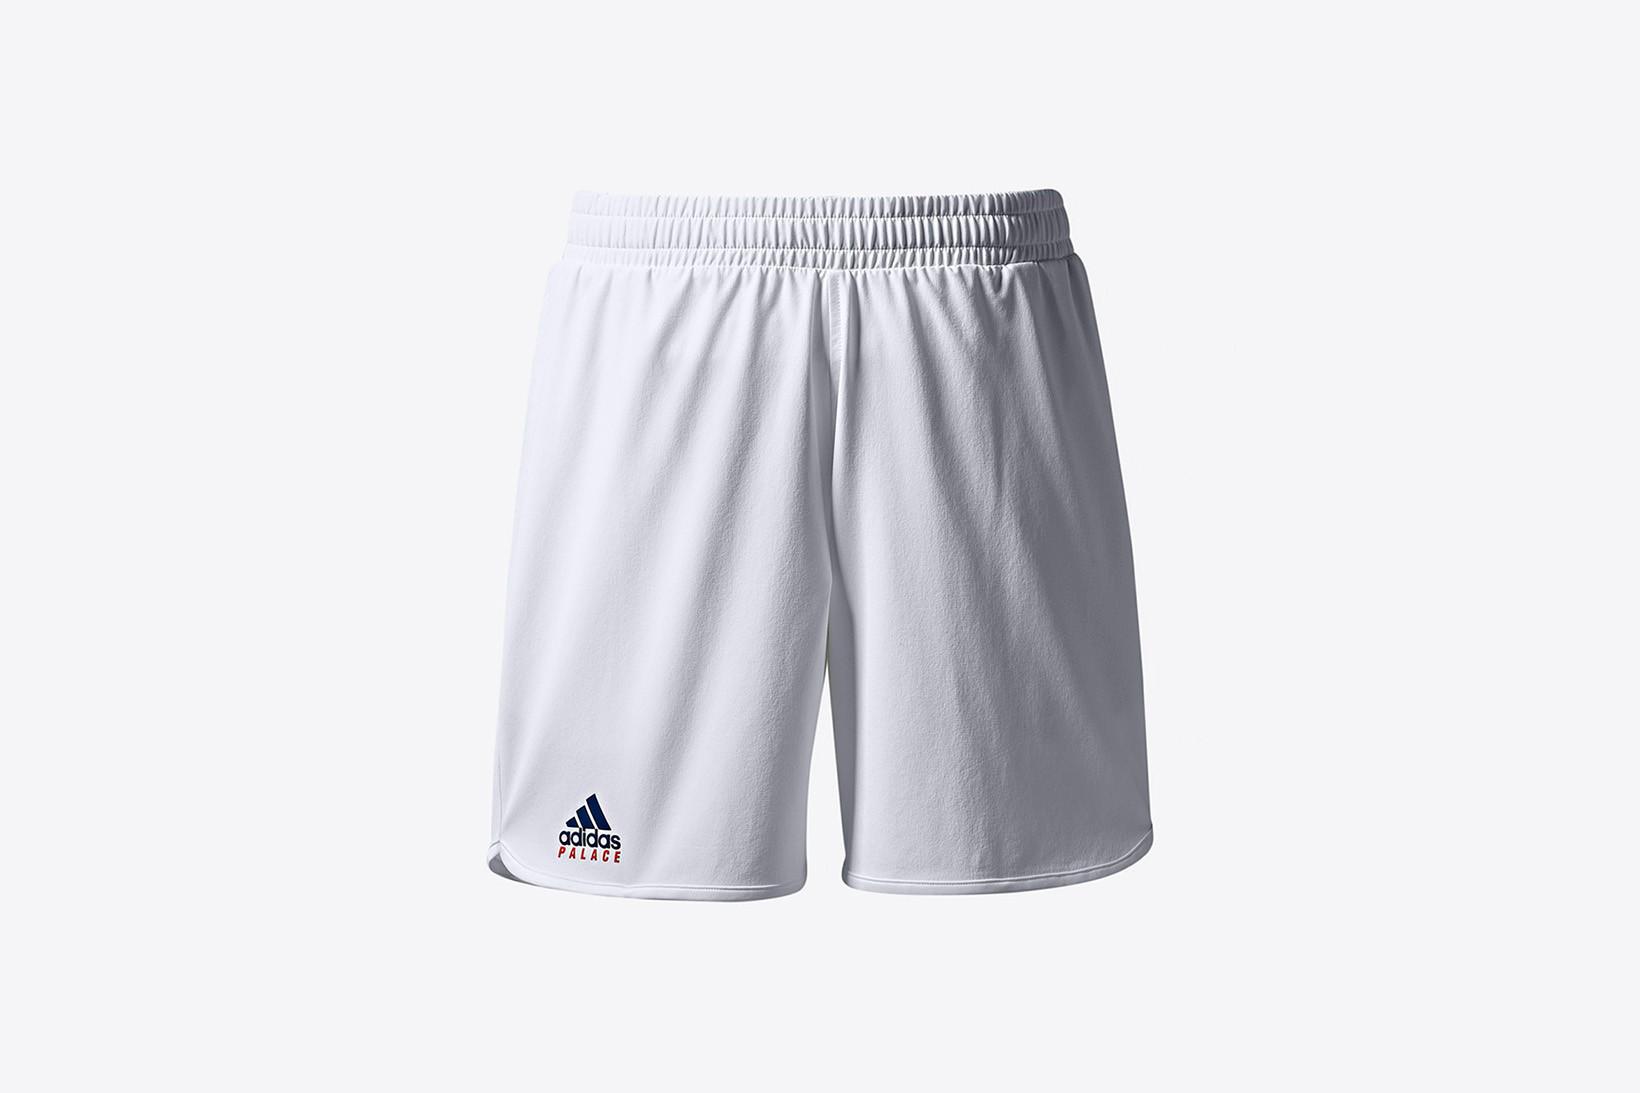 复古运动风再度来袭!Palace x adidas 2018联乘单品完